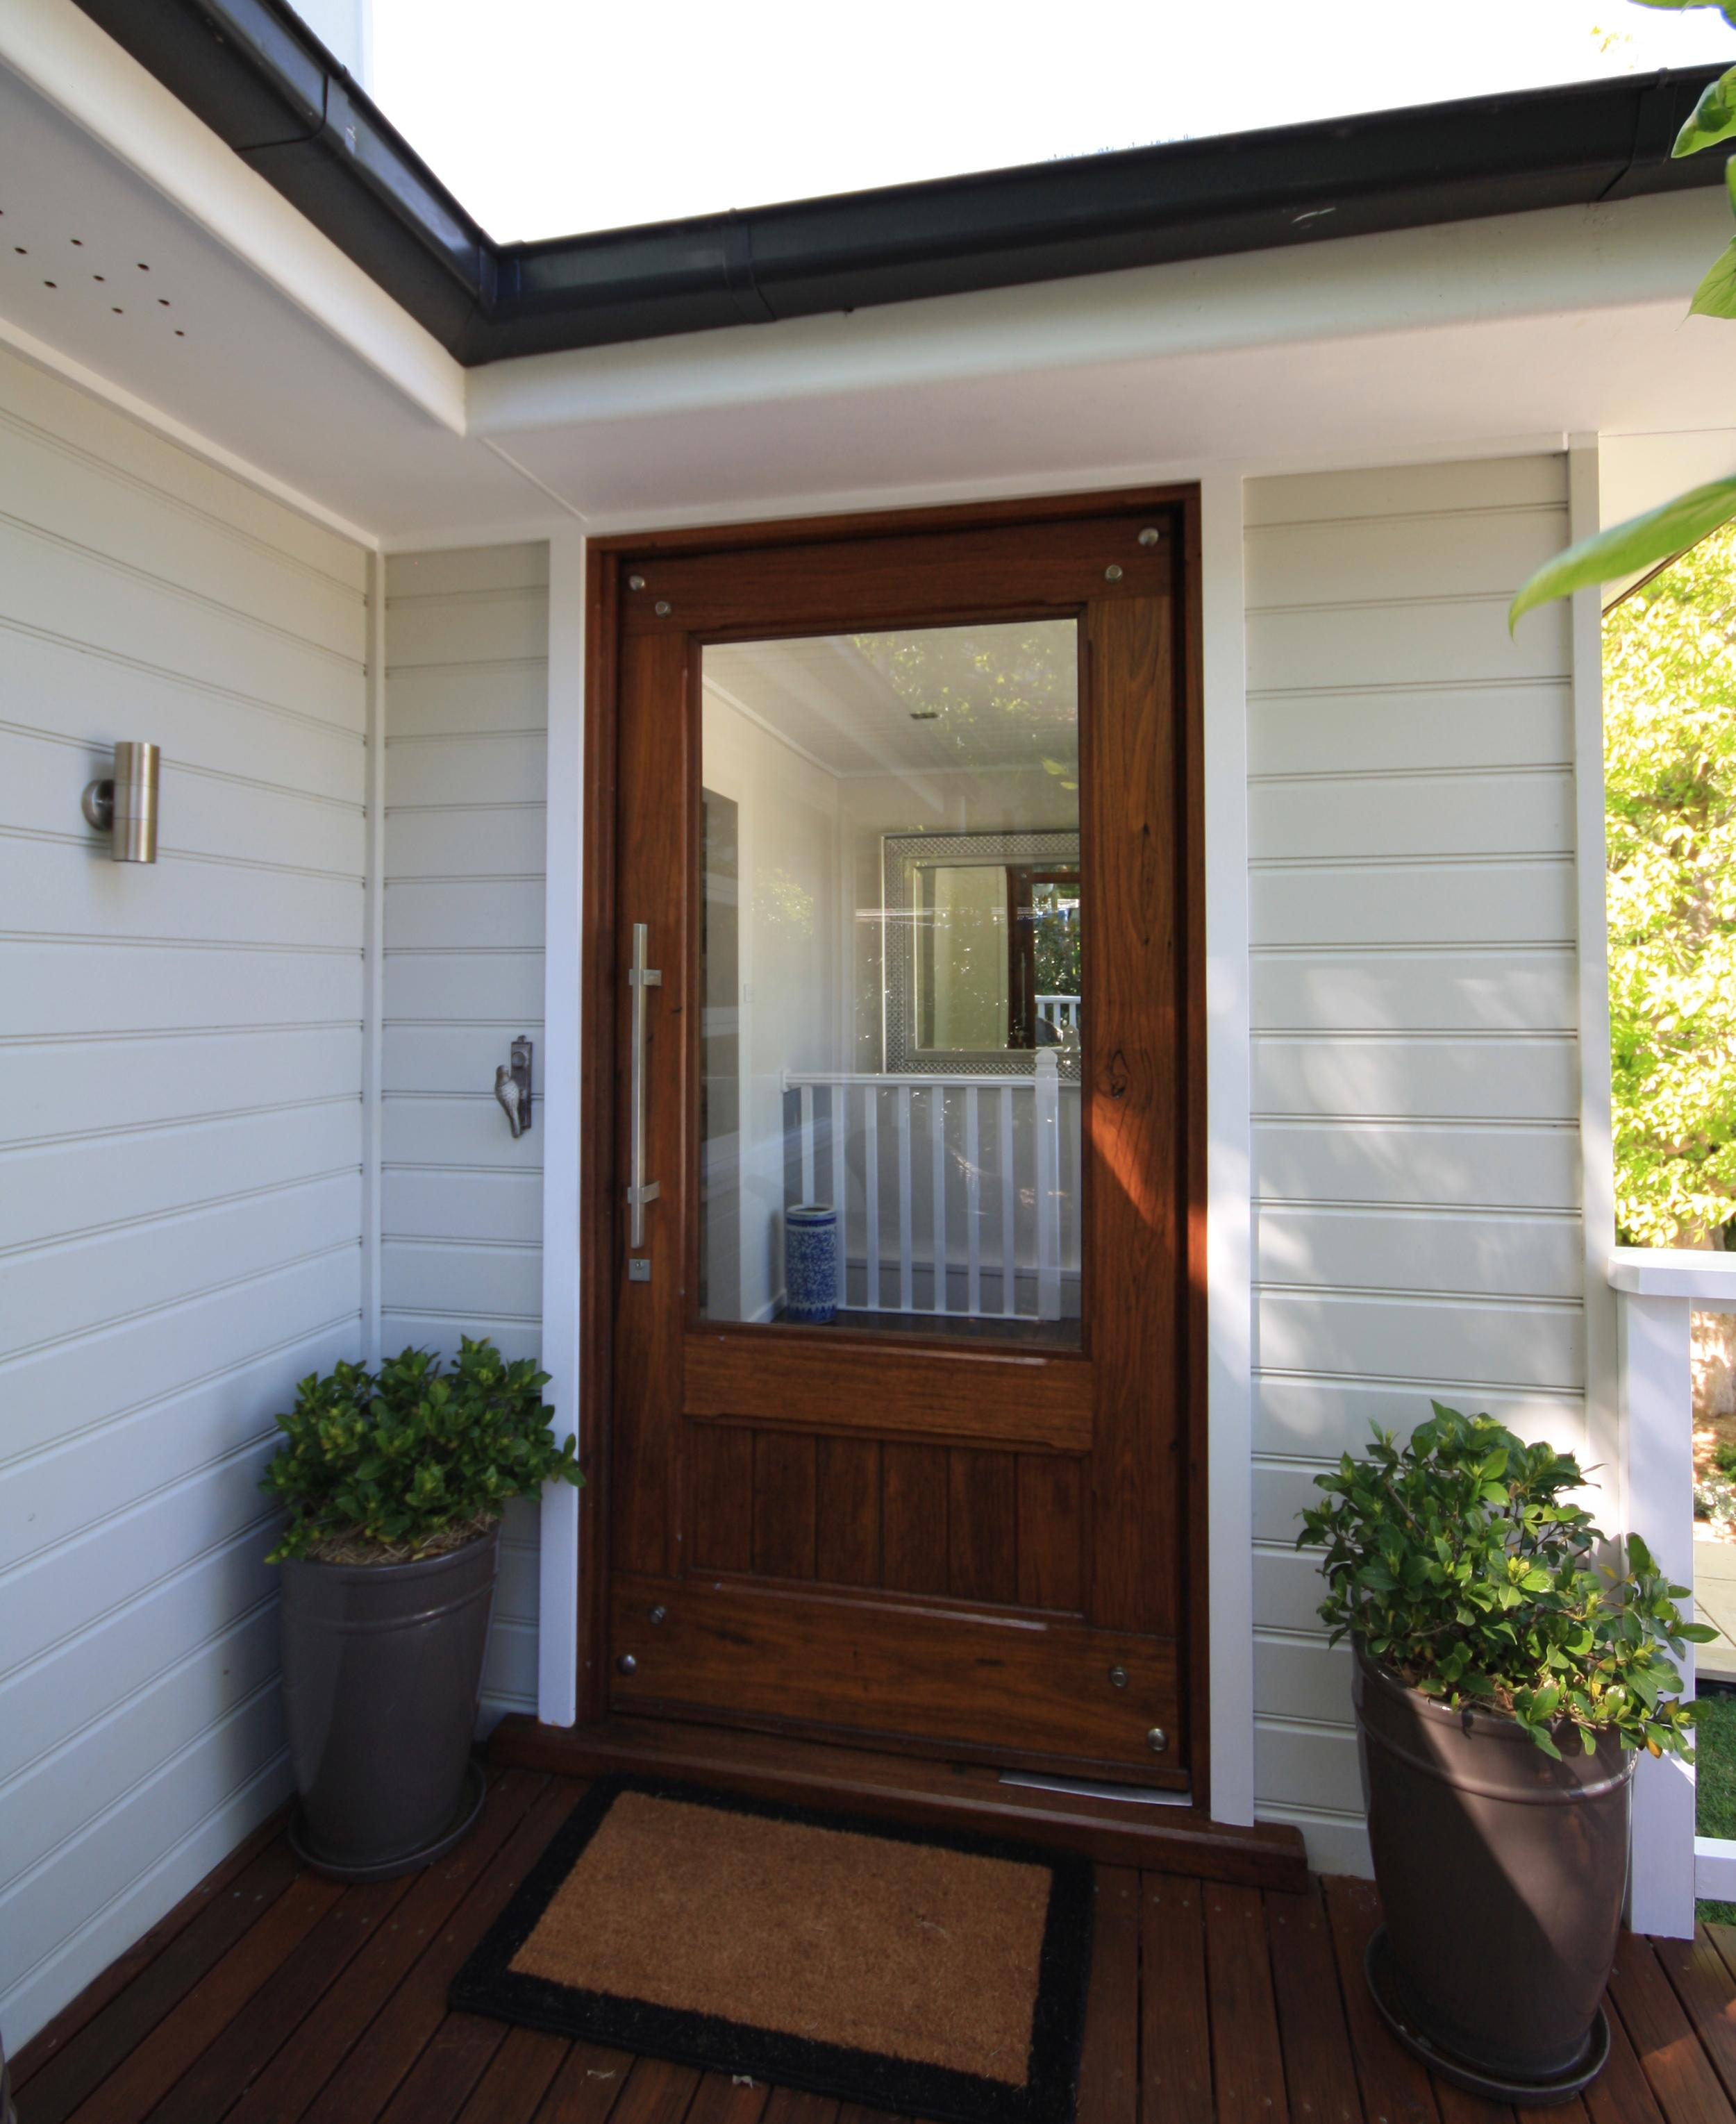 Andrew_Economos_Custom_Builder_Bowral_NSW_Australia_Custom_Joinery_38.jpg